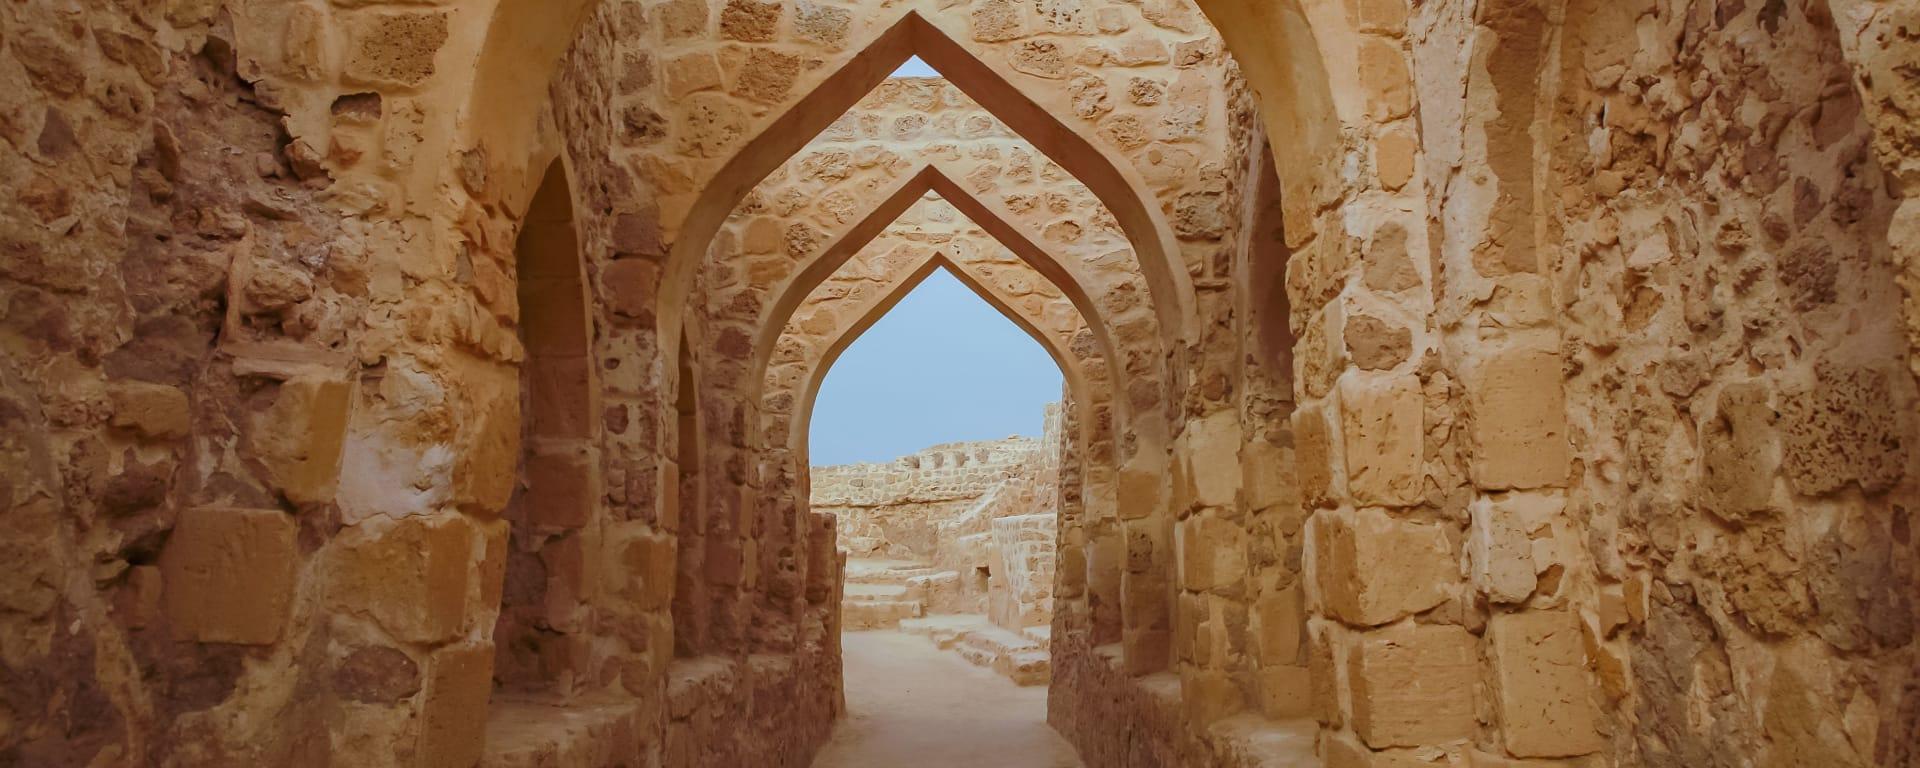 Bahrain entdecken mit Tischler Reisen: Bahrain Manama Fort